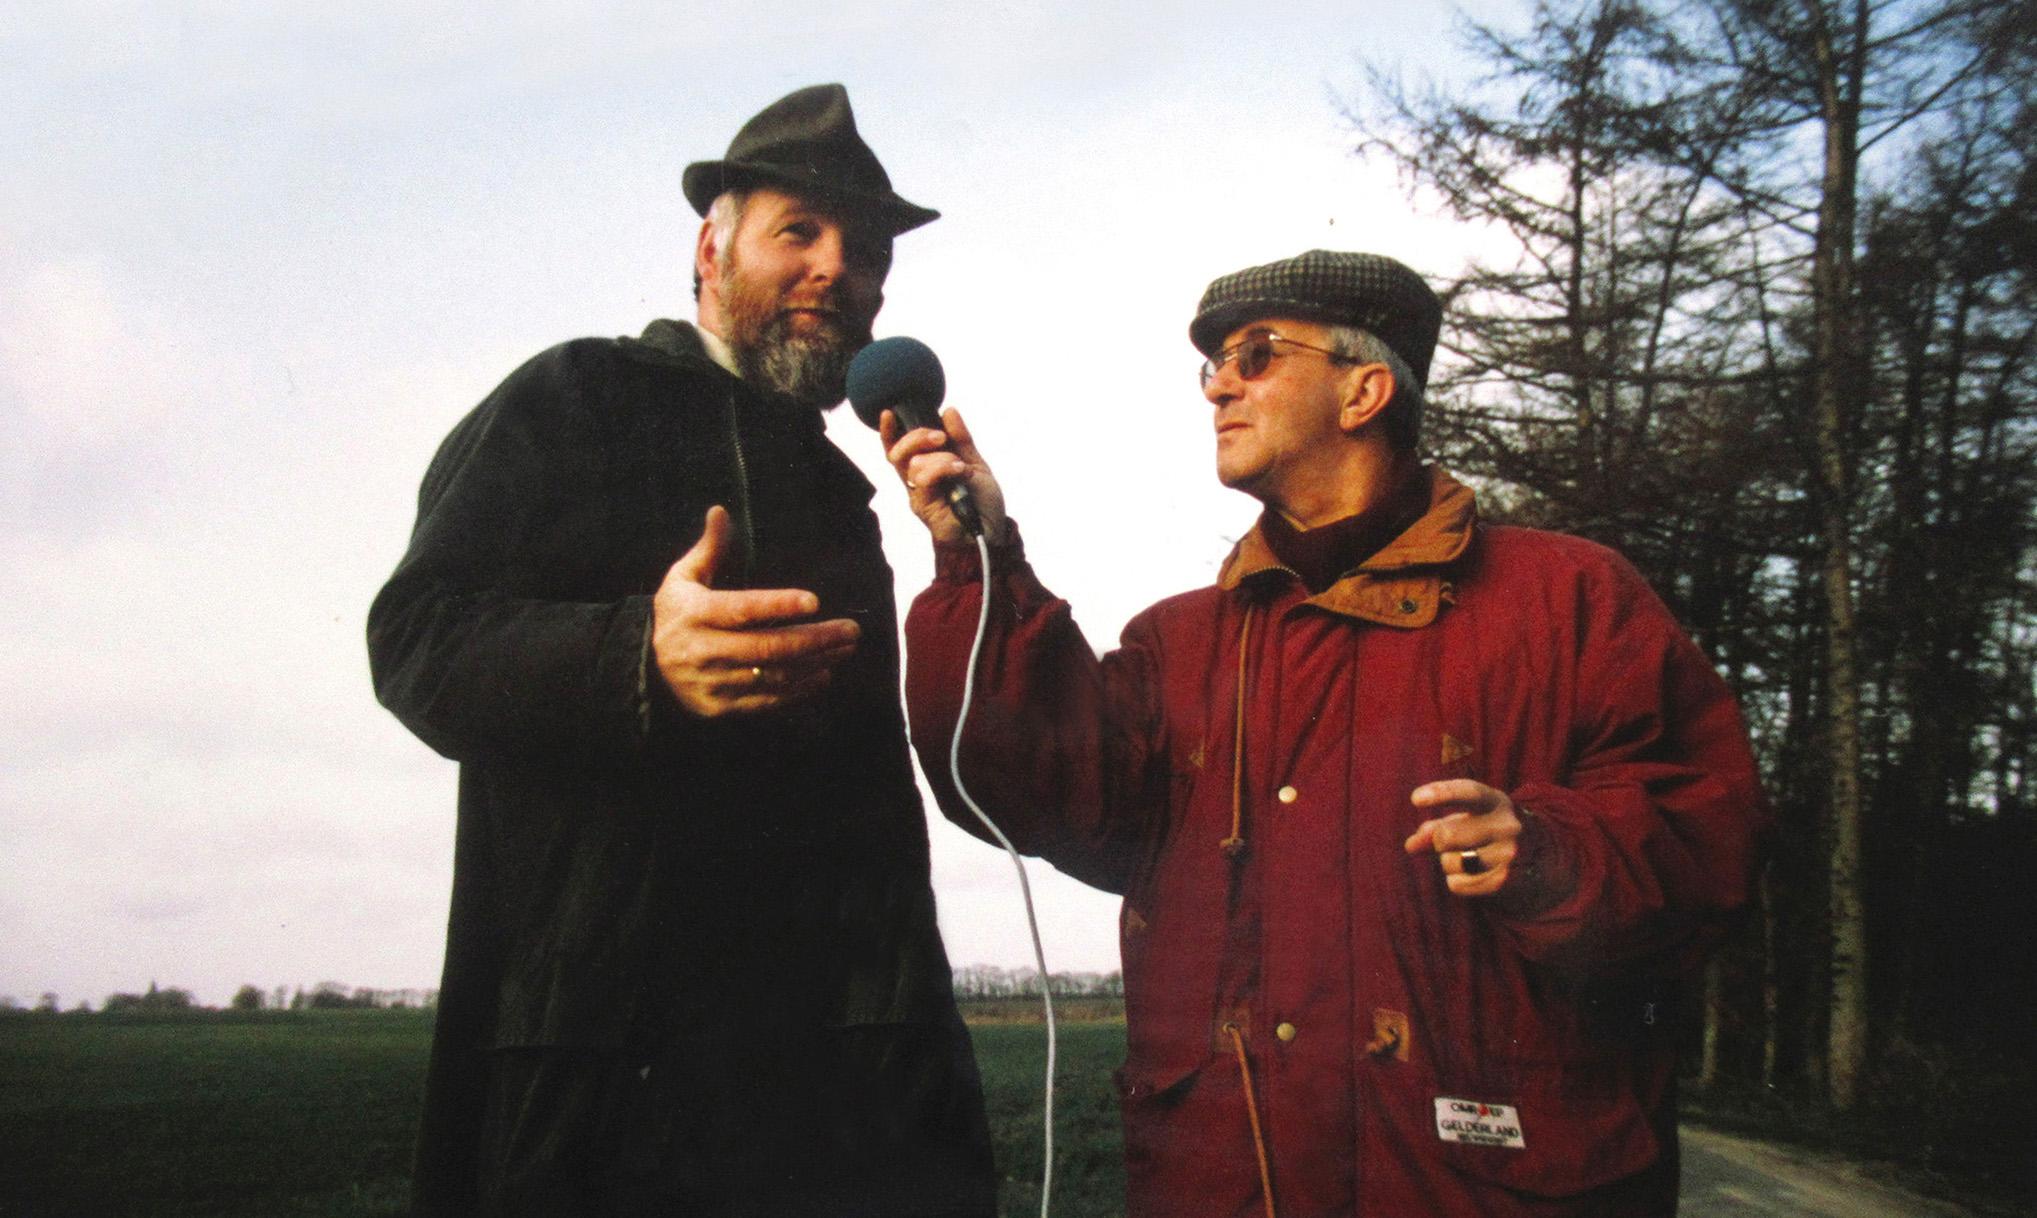 Radio-opname voor Omroep Gelderland ergens op de Veluwe - Foto: Archief Louis Fraanje